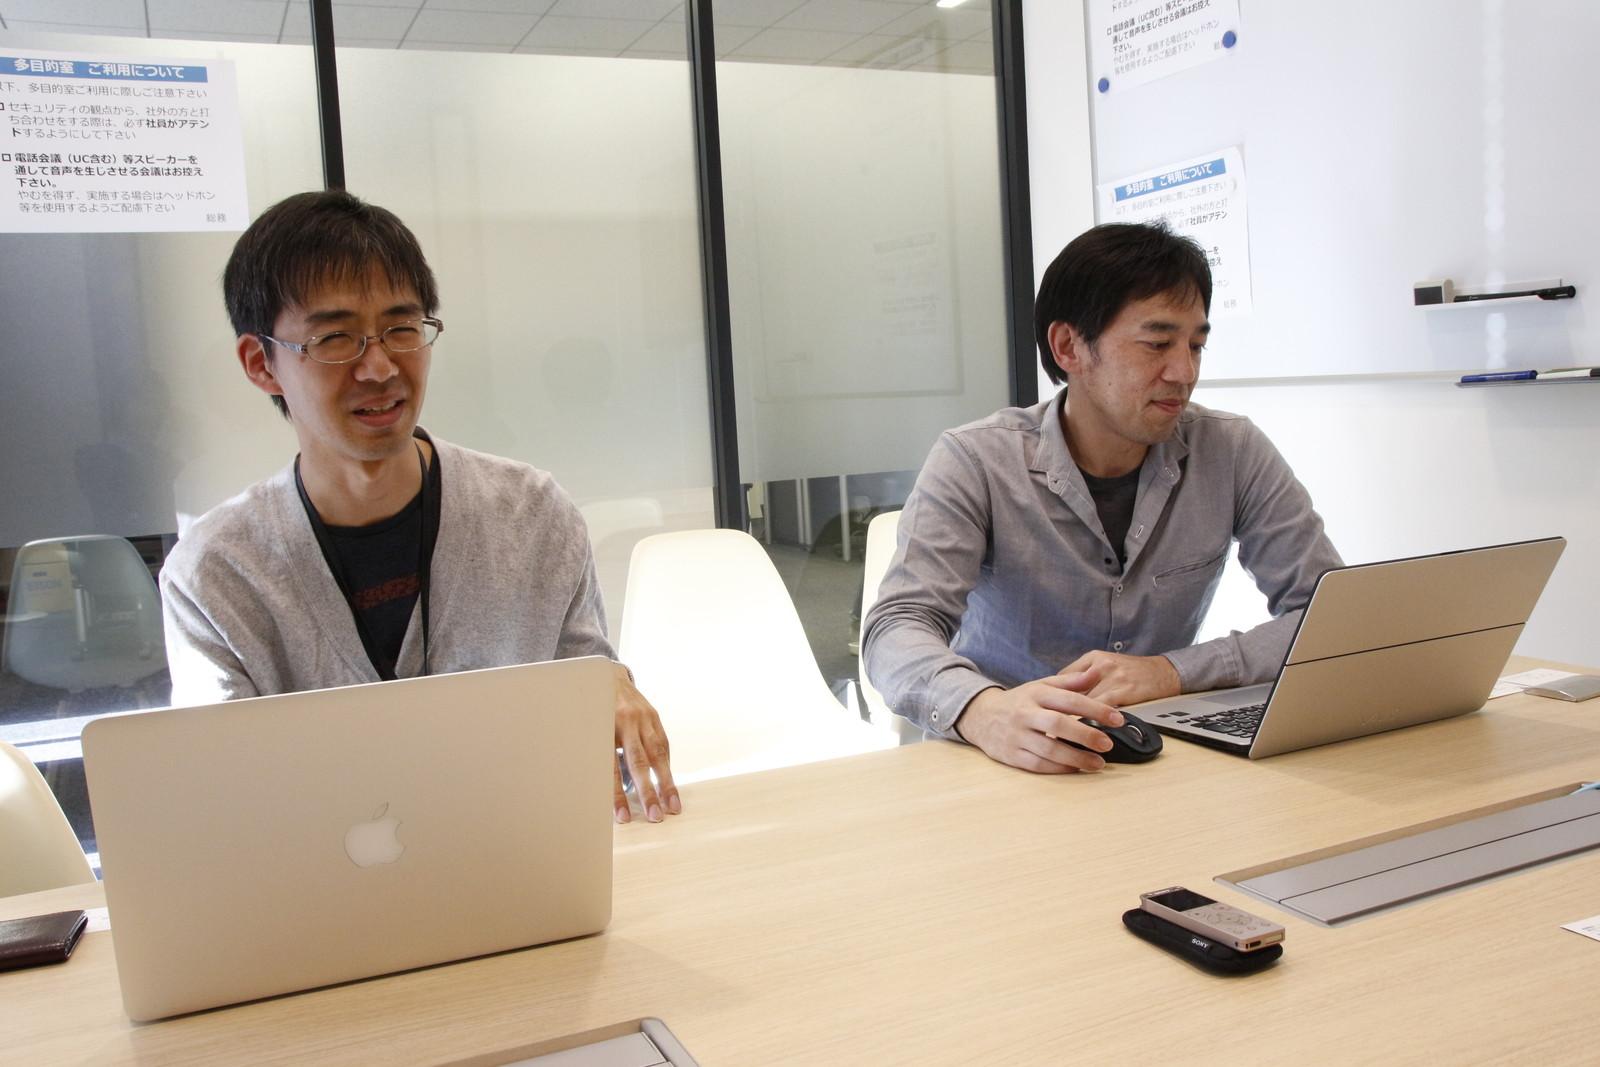 「舞台めぐり」は安彦氏、望月氏を含め全6名のスタッフが常駐で携わっているとのこと